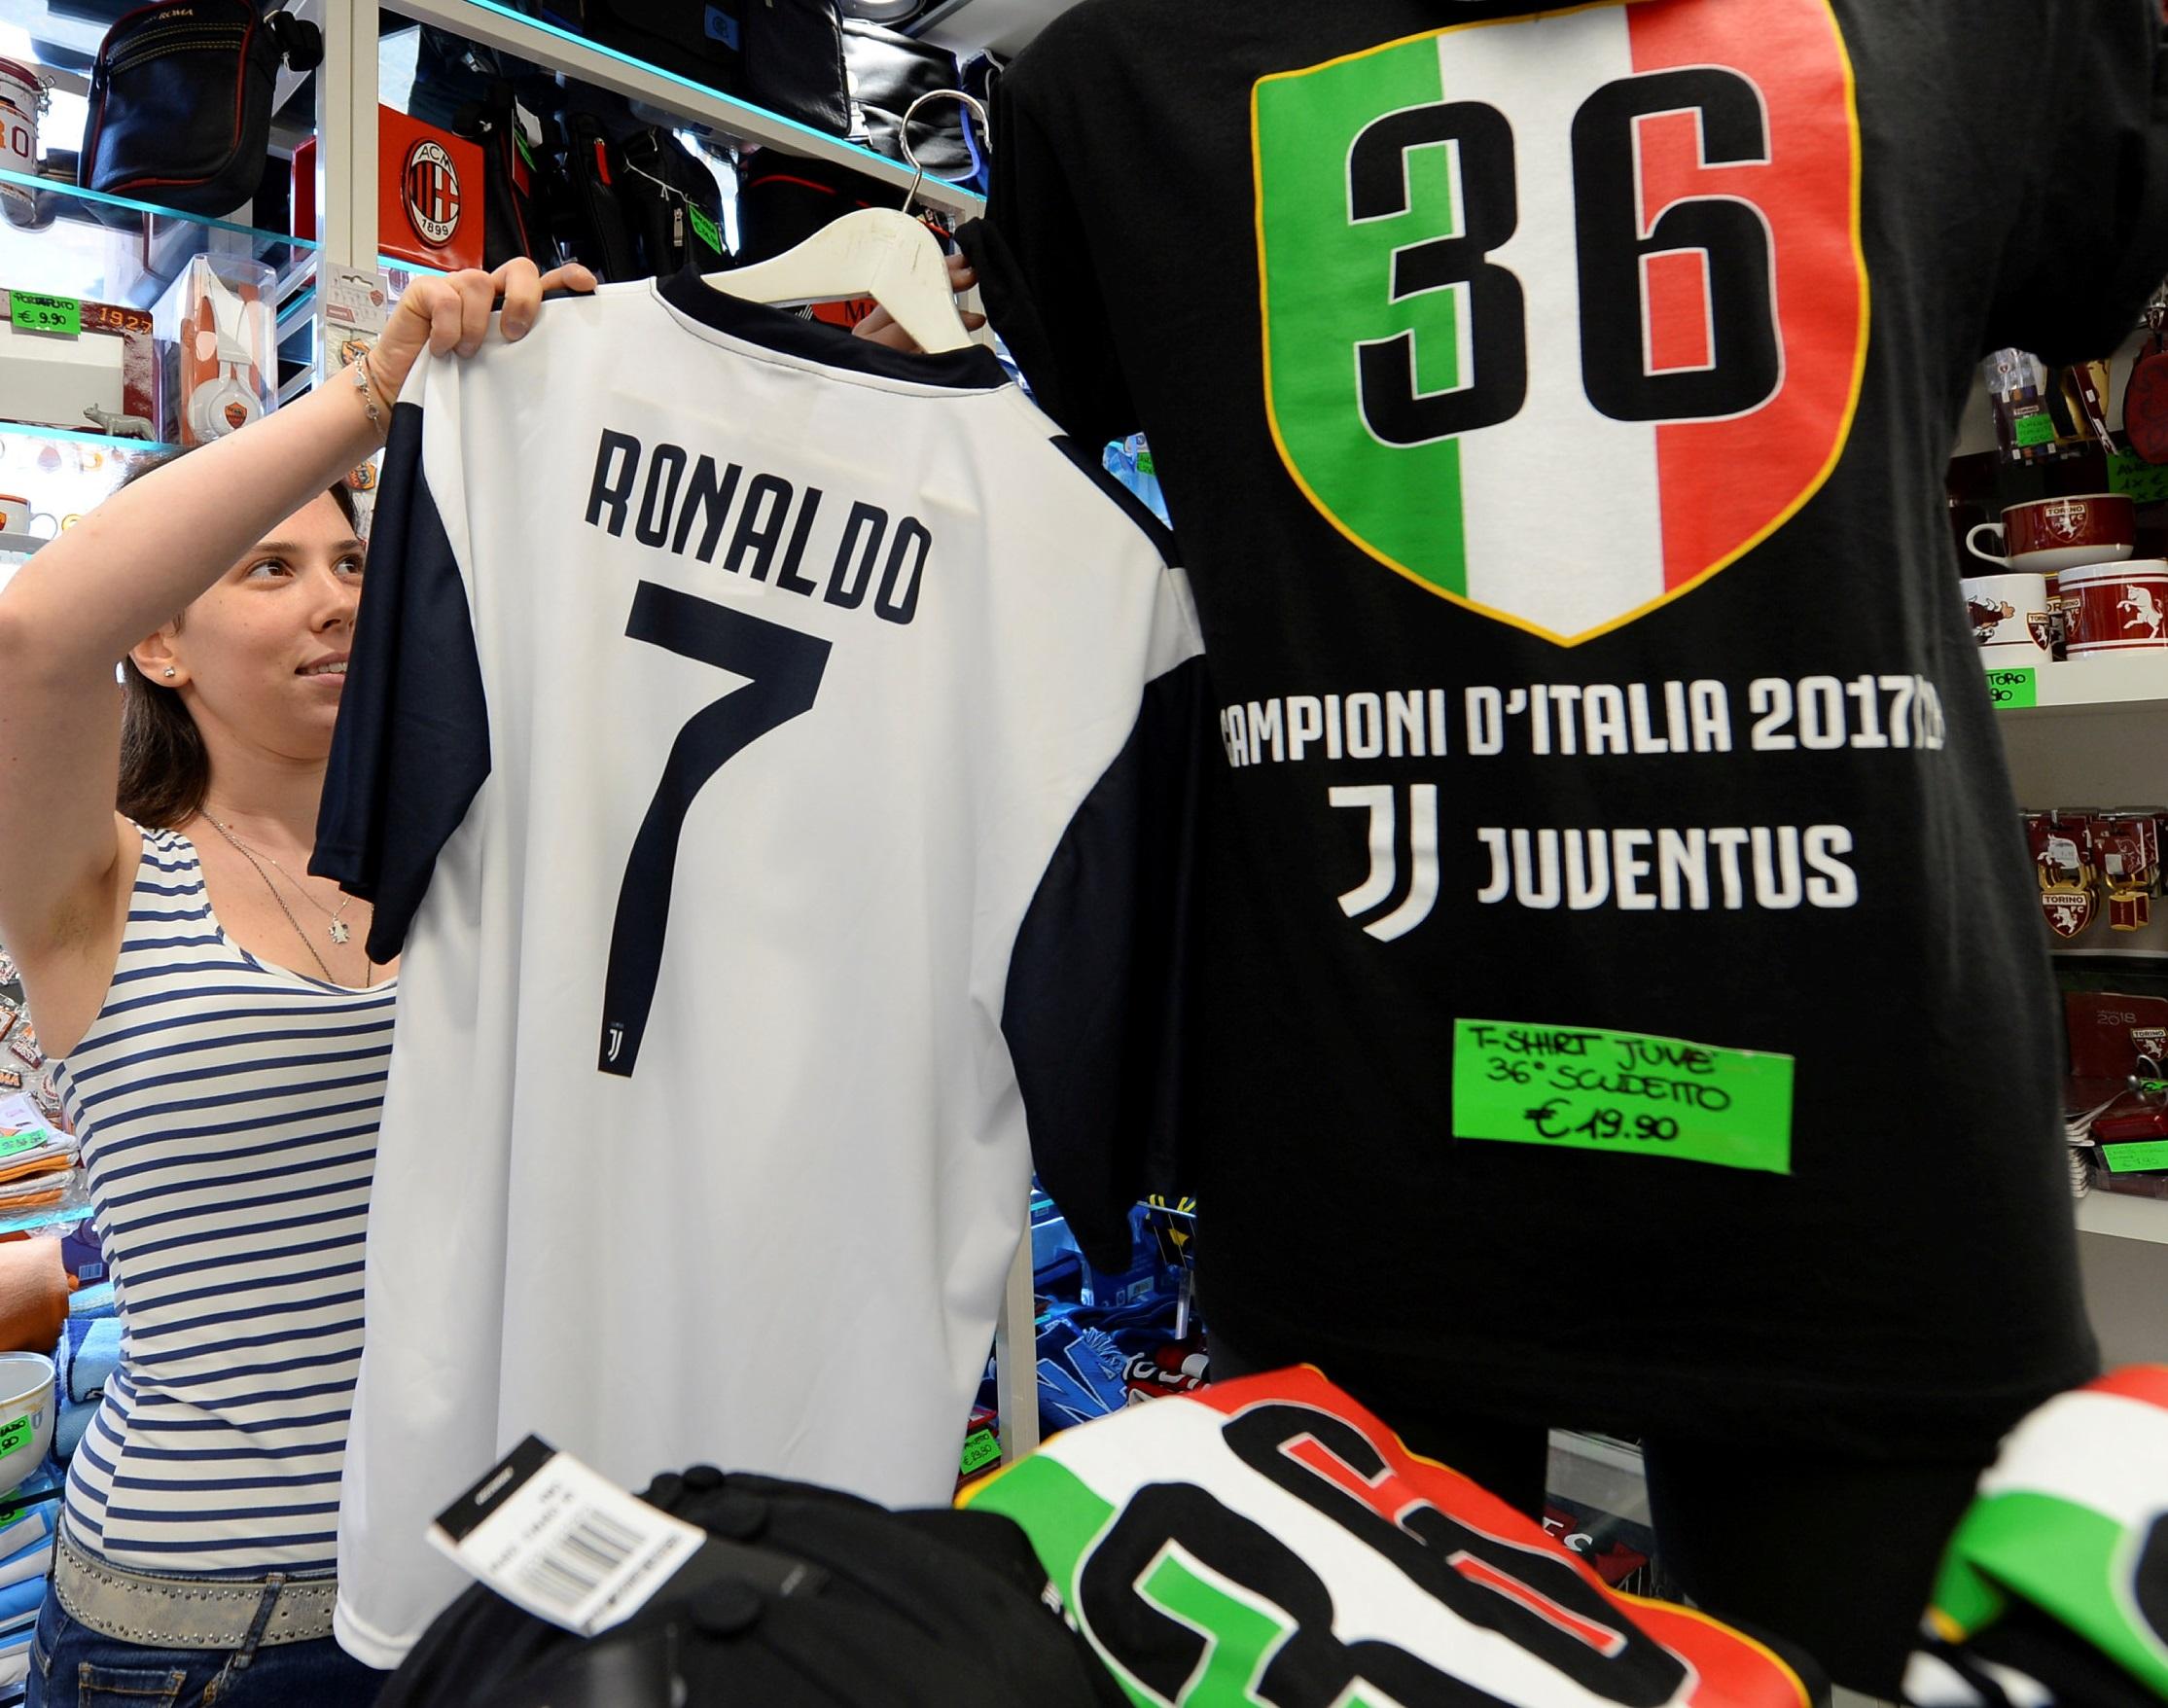 Camiseta de Cristiano Ronaldo é vendida em Turim 650043cfe3f2d